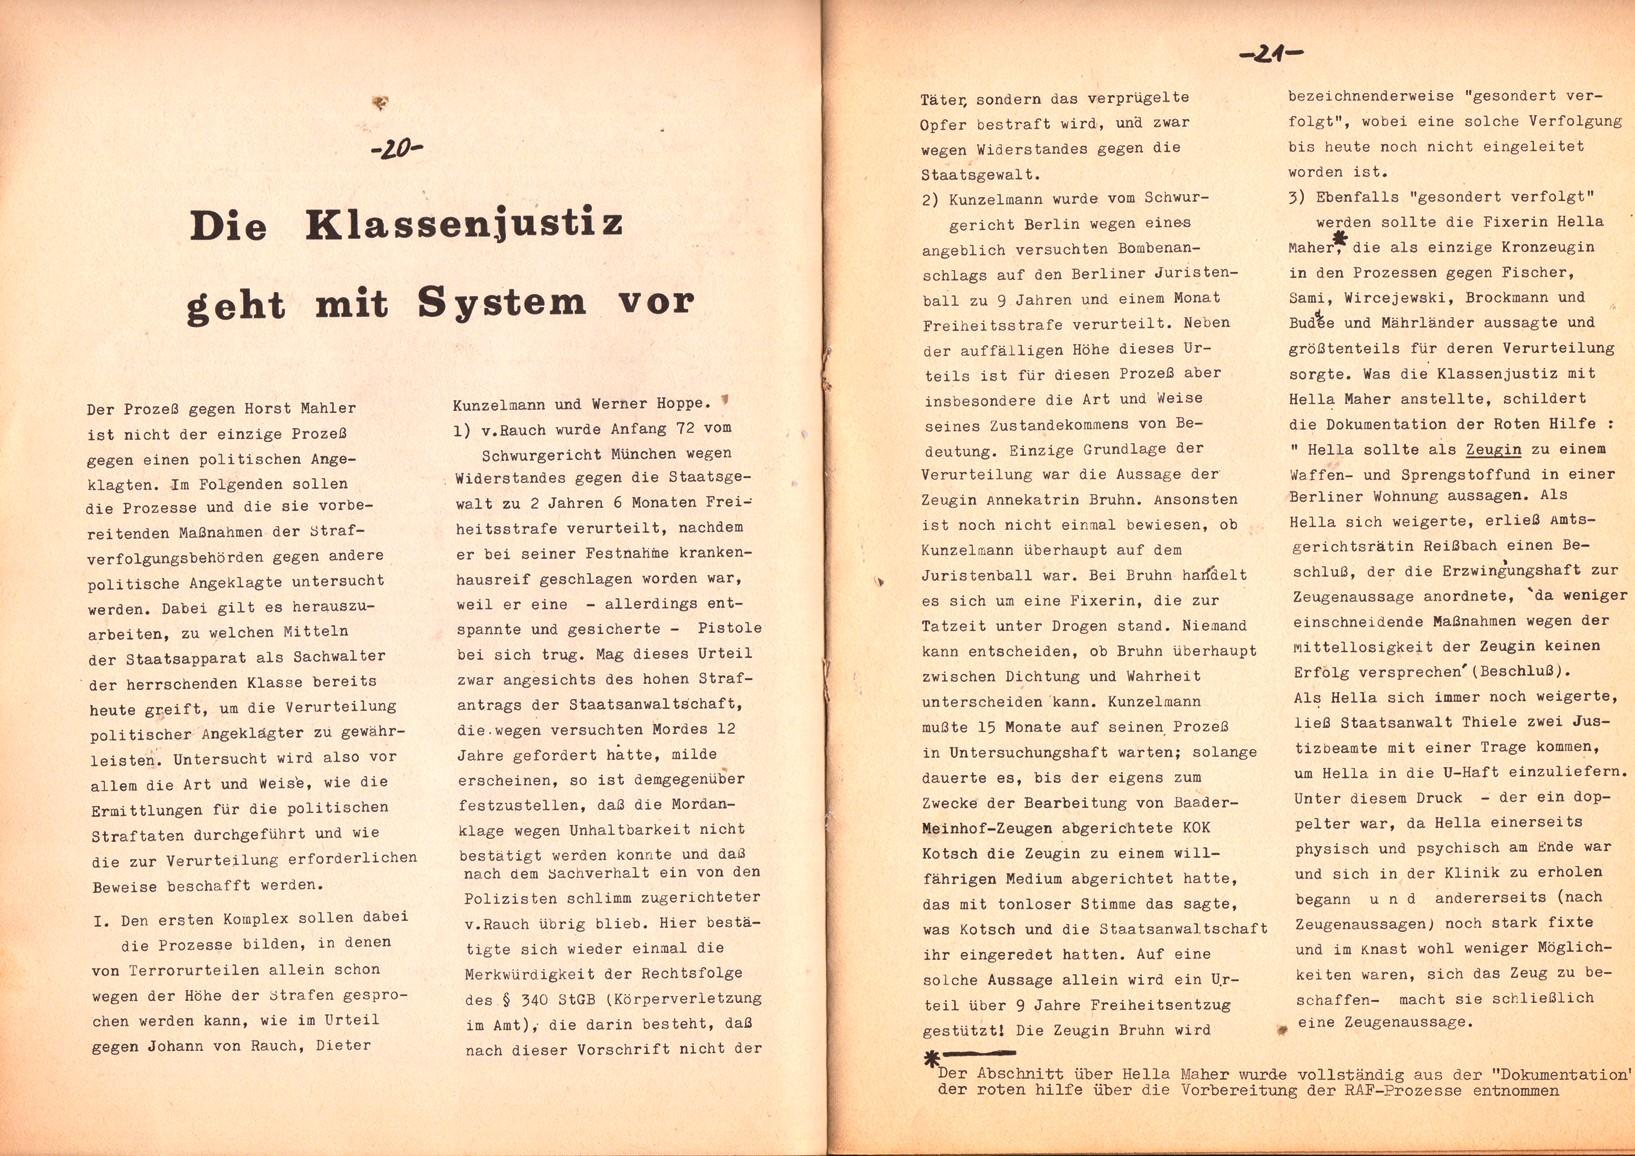 Berlin_RH_1973_zu_Horst_Mahler_12